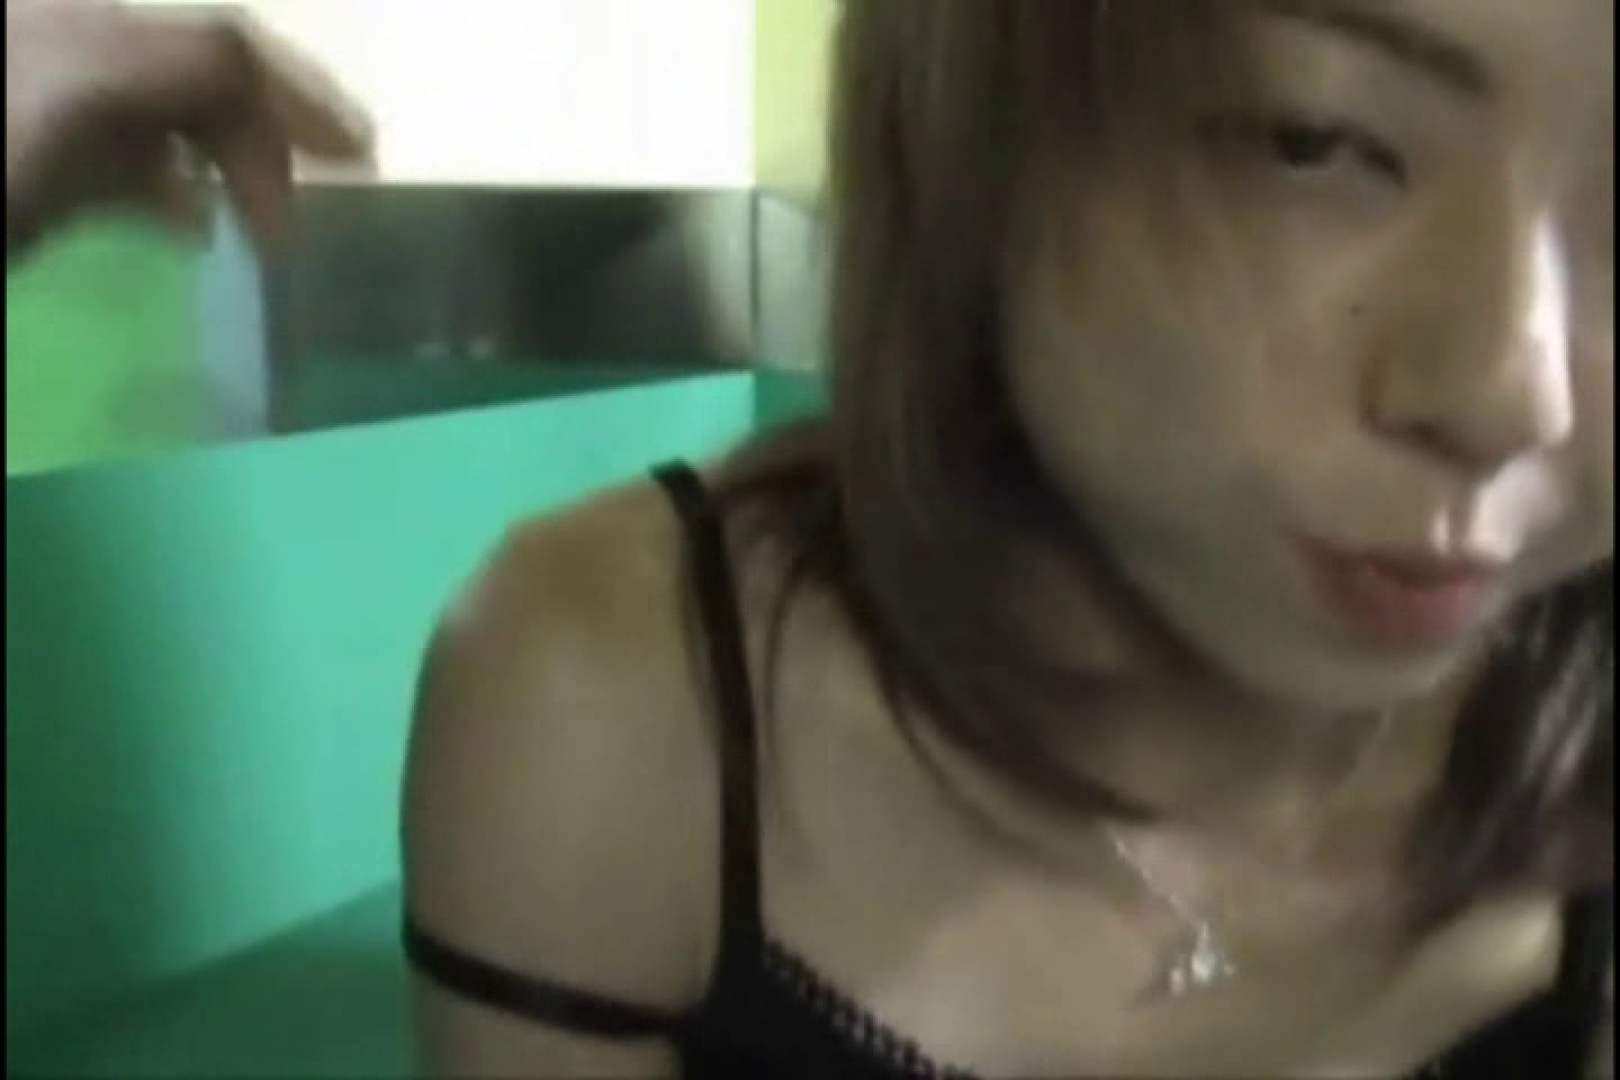 素人モデル募集で来た素人に漫喫でフェラさせました 素人丸裸  69pic 40